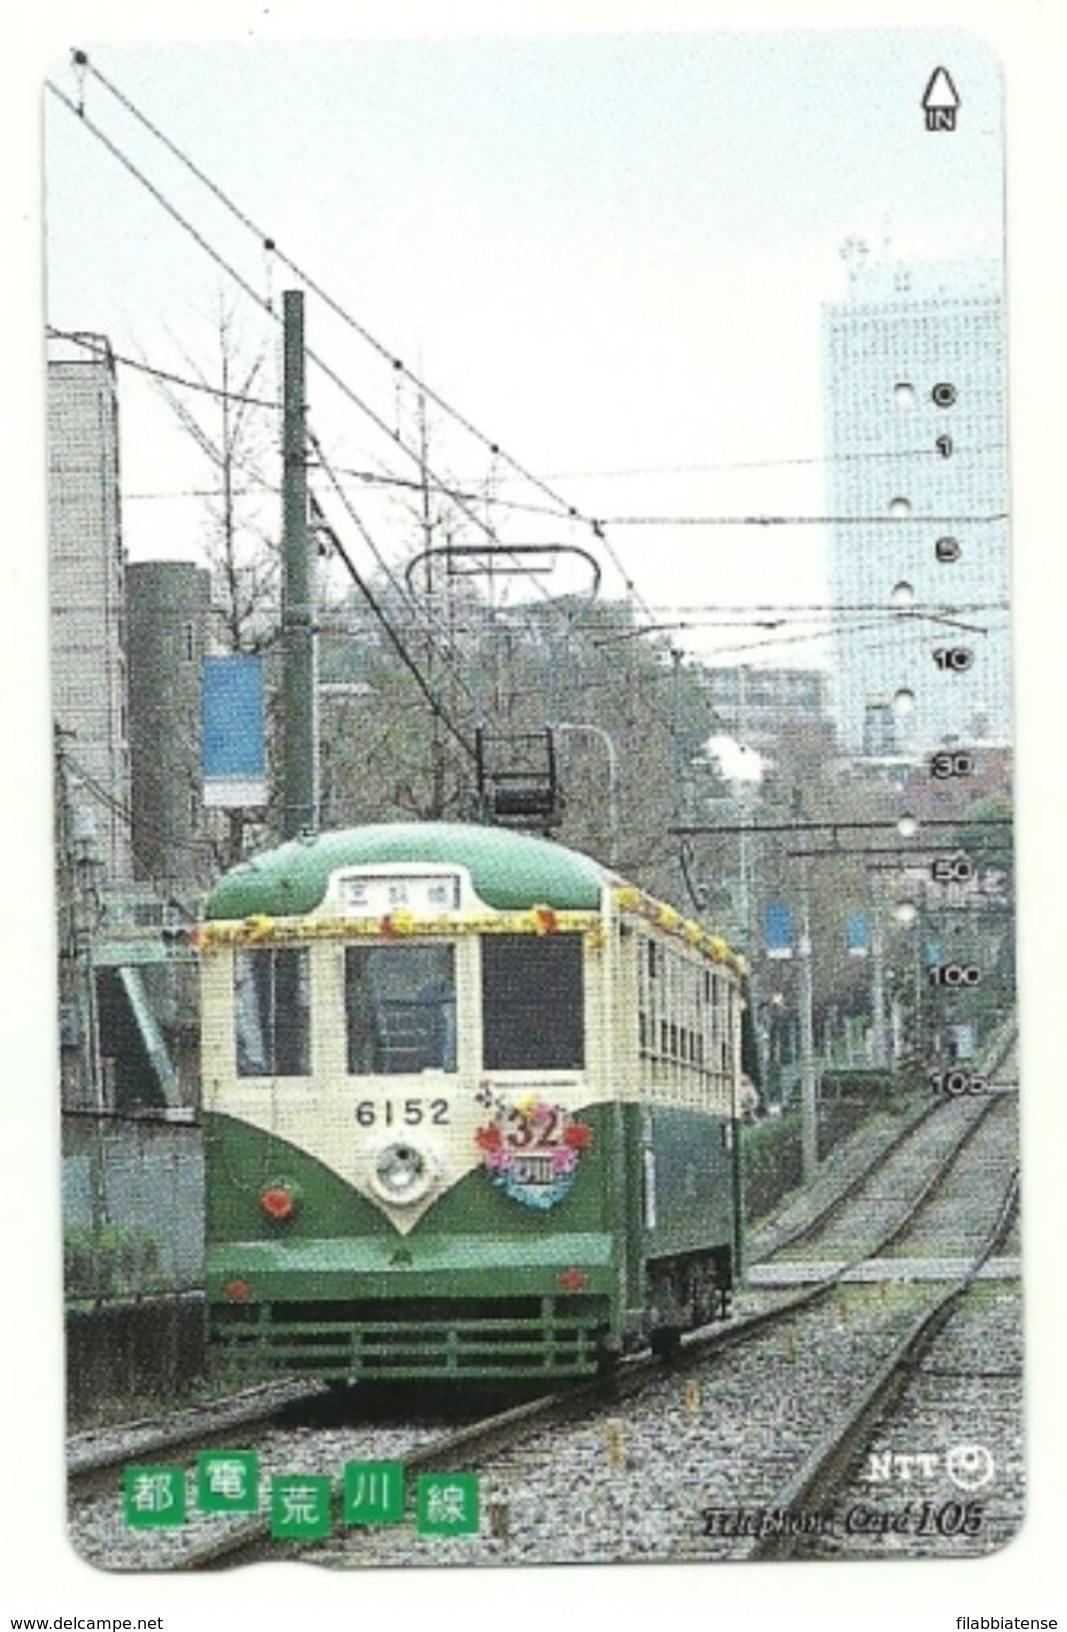 Giappone - Tessera Telefonica Da 105 Units T348 - NTT, - Treni